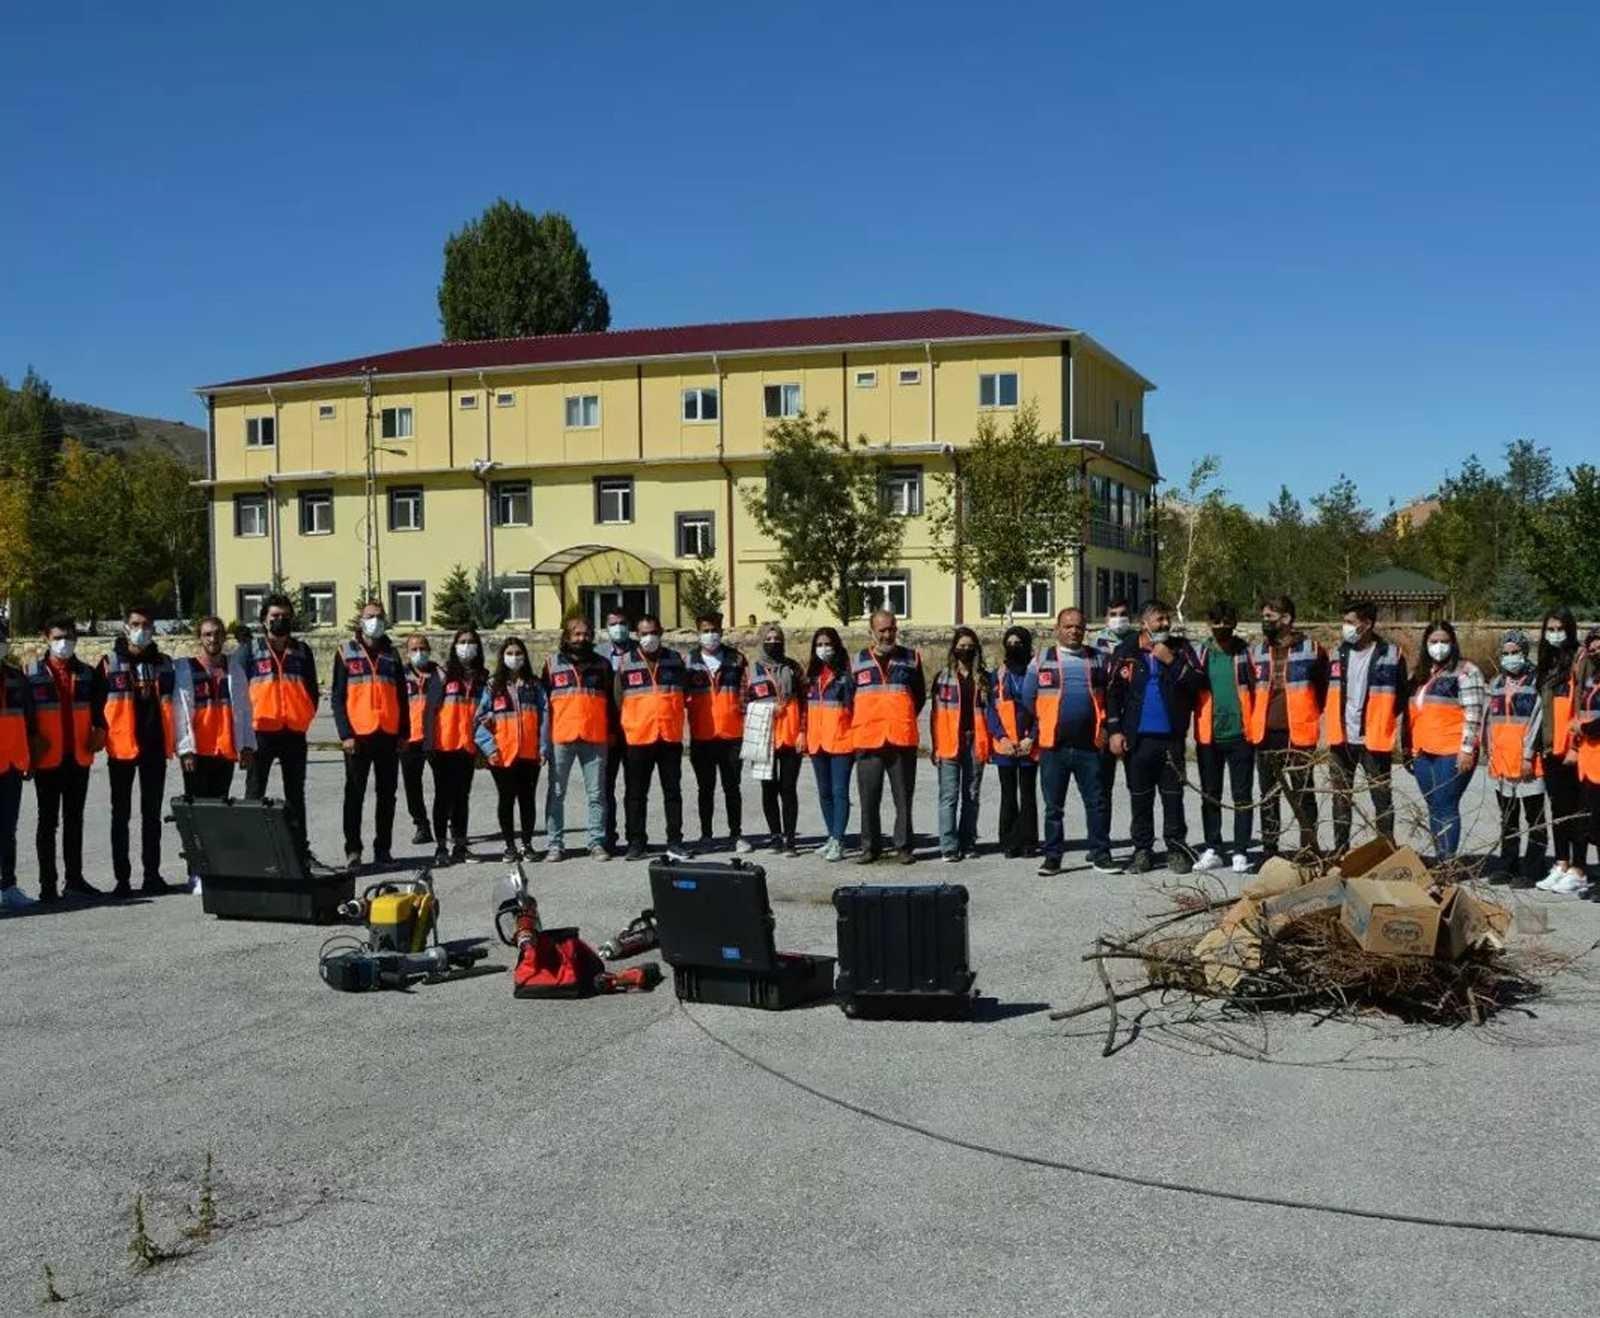 Temel afet eğitimlerini tamamlayan gönüllülere ilk yardım, yangın ve hafif arama kurtarma eğitimleri verildi #bayburt